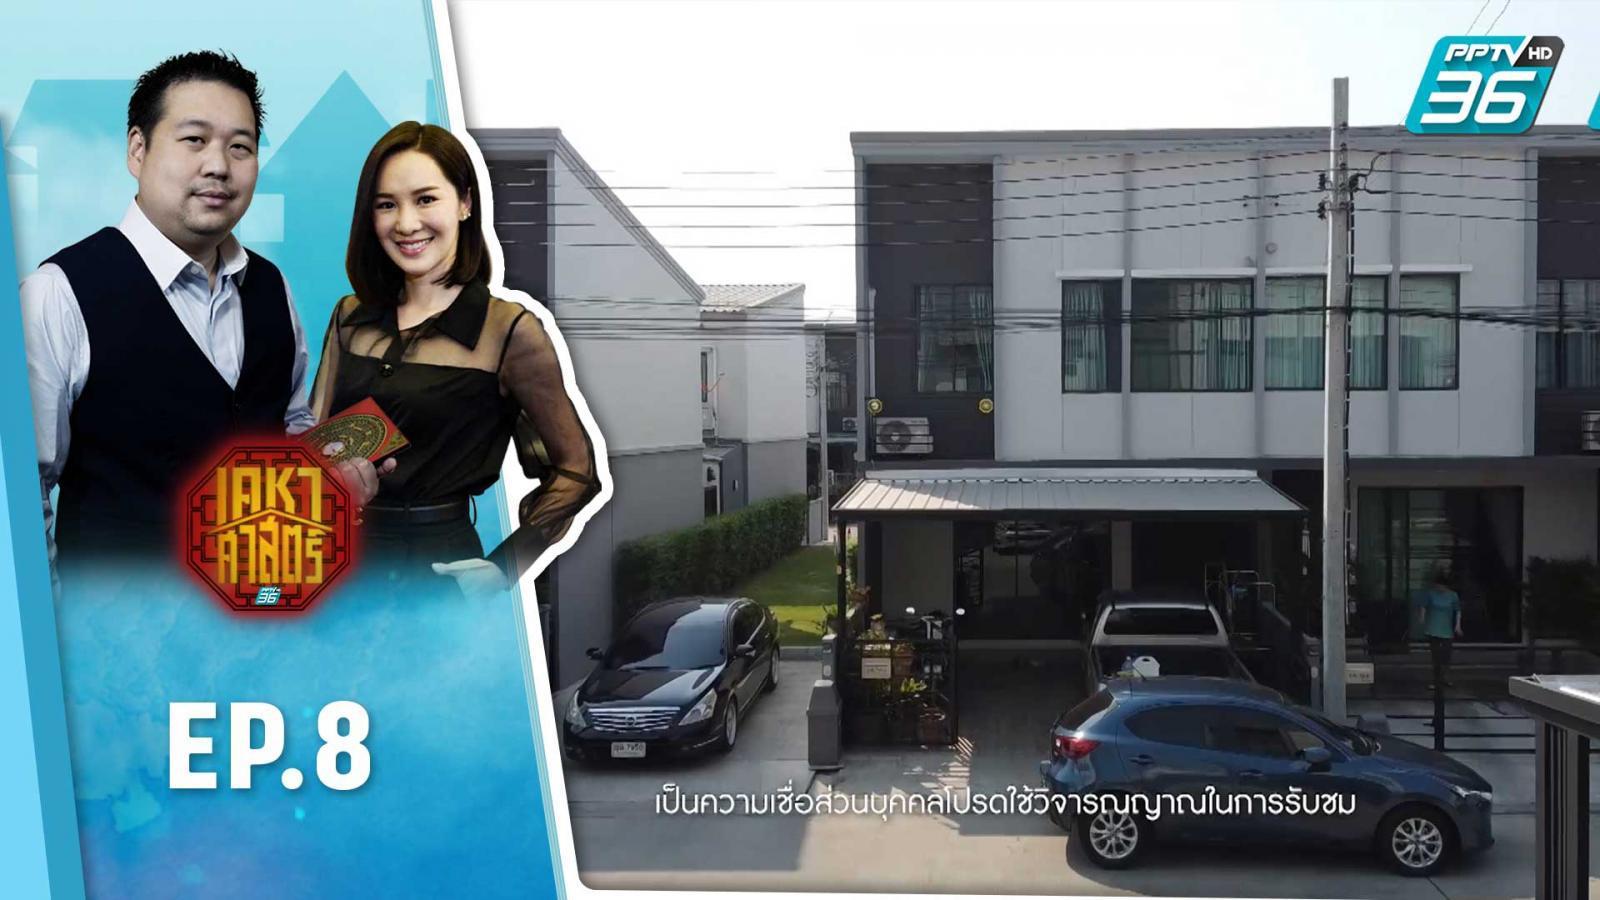 เคหาศาสตร์ EP.8  | บ้านส่งผลต่อบุพการี | PPTV HD 36